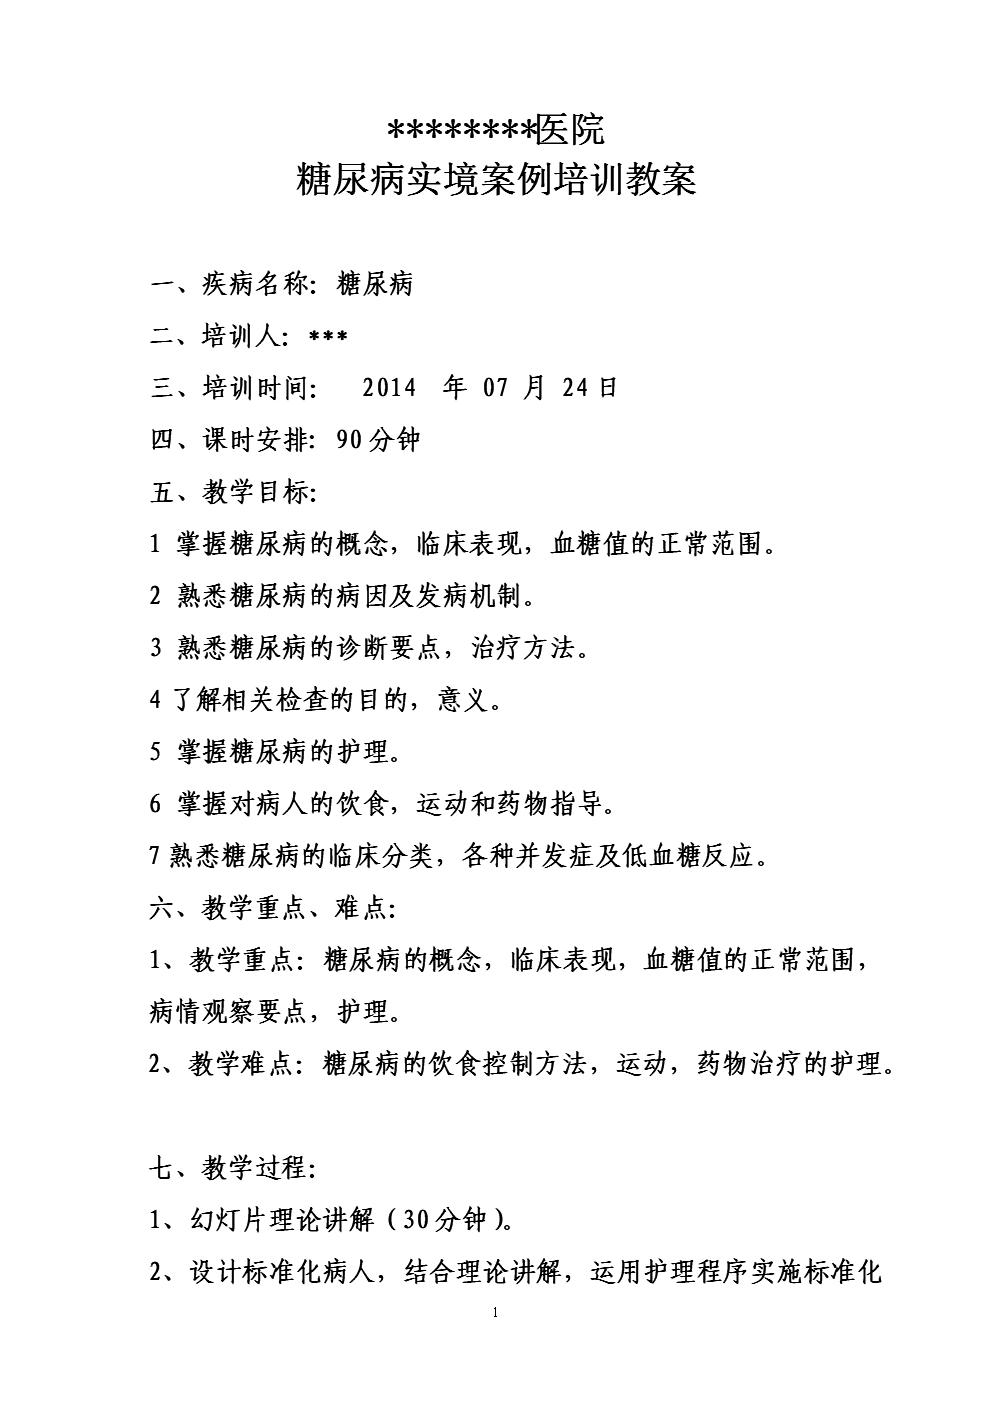 糖尿病专科病例培训教案.doc